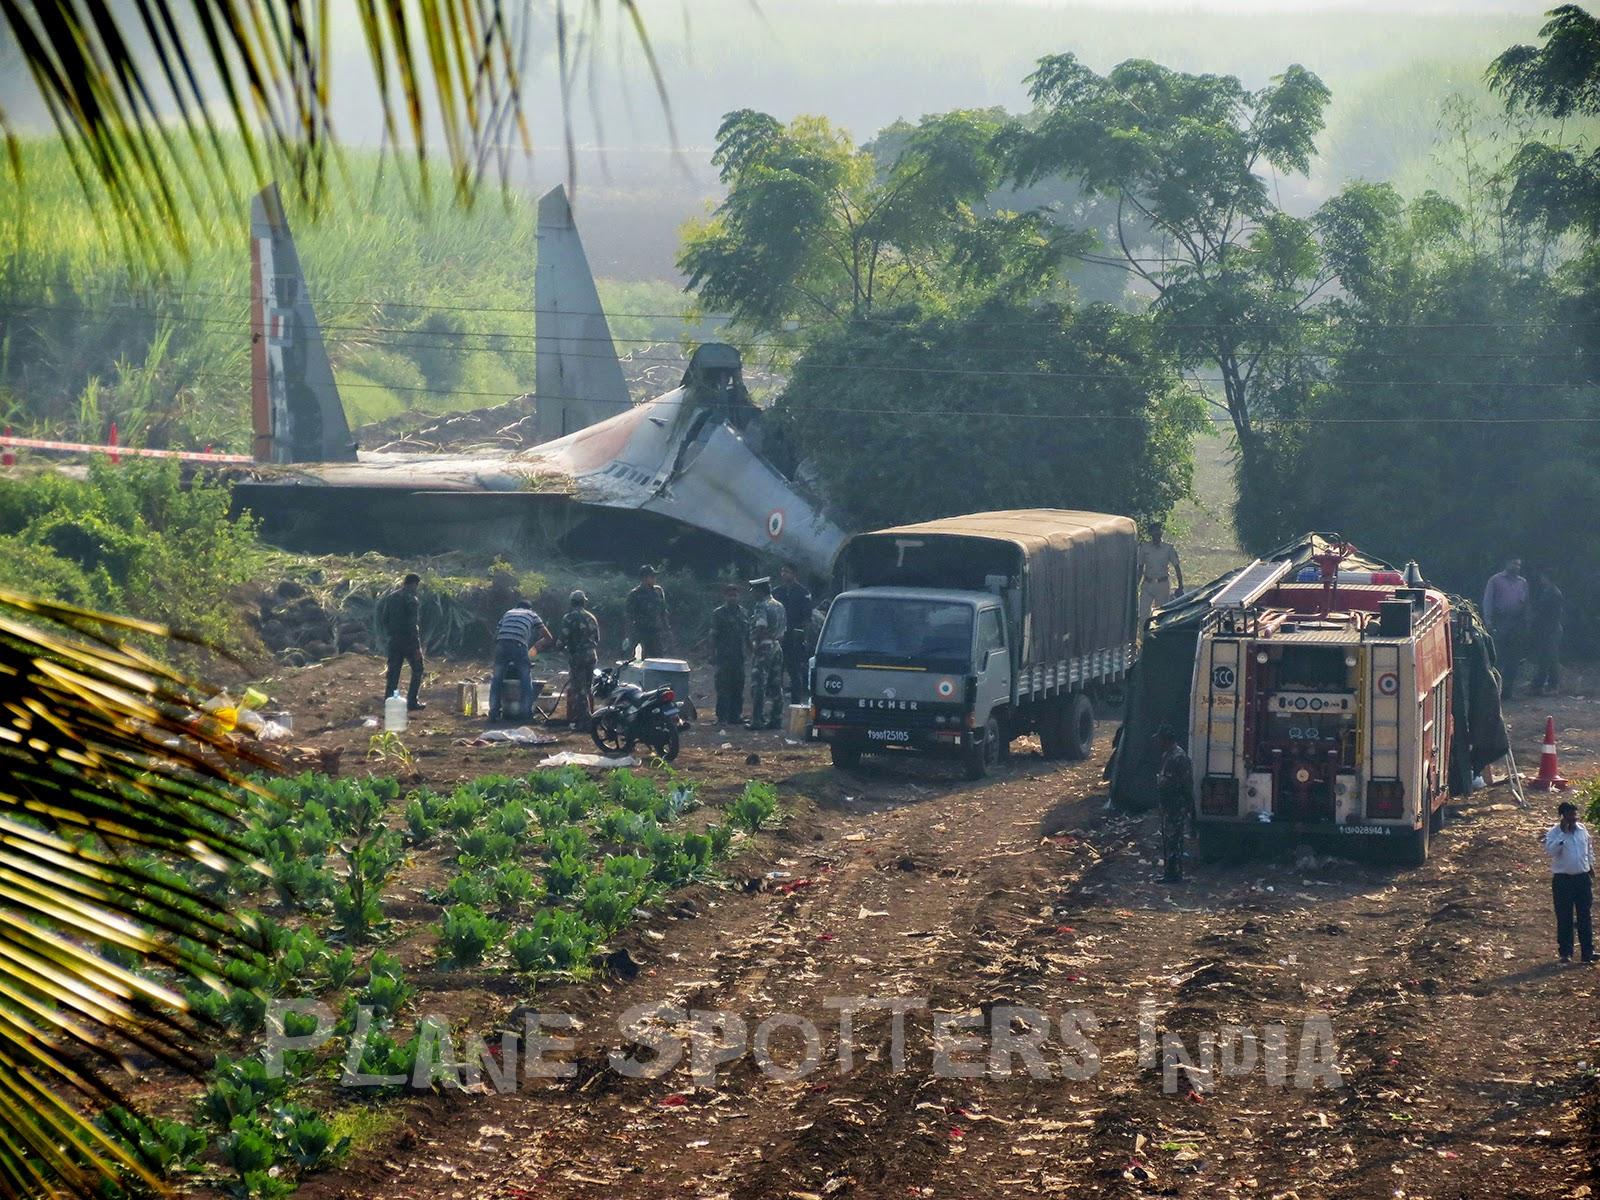 SB050,Air Crash, IAF Crash, IAF News, Pune Crash, Pune India, Su30, SU30 Crash, Su30 Crash Pune, Sukhoi Crash Pune, Sukhoi Su30 Crash Pune, Sukhoi crash near pune,